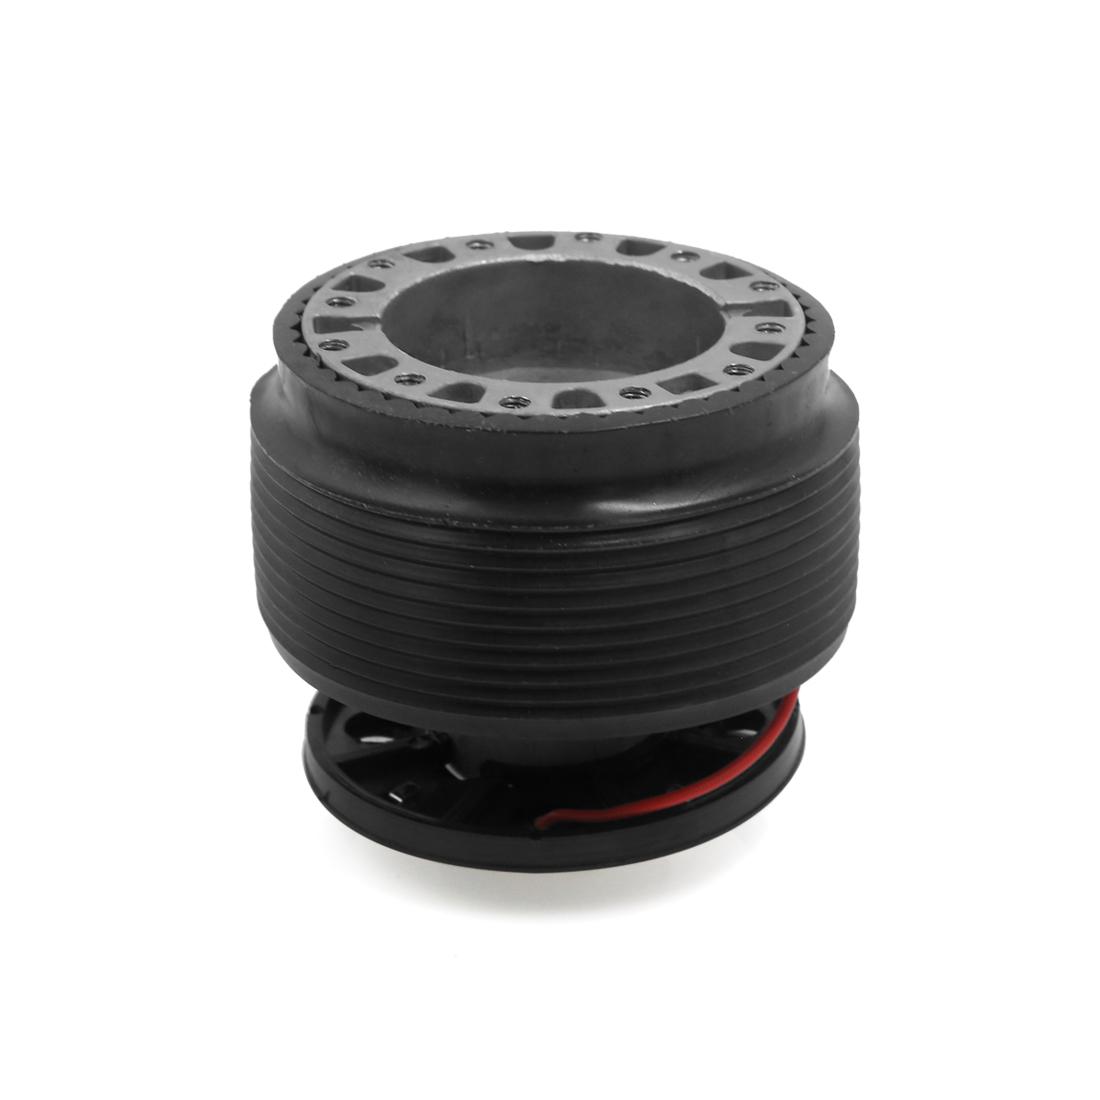 Car Black Aluminum Alloy Rubber Steering Wheel Hub Adapter Kit Base for Honda